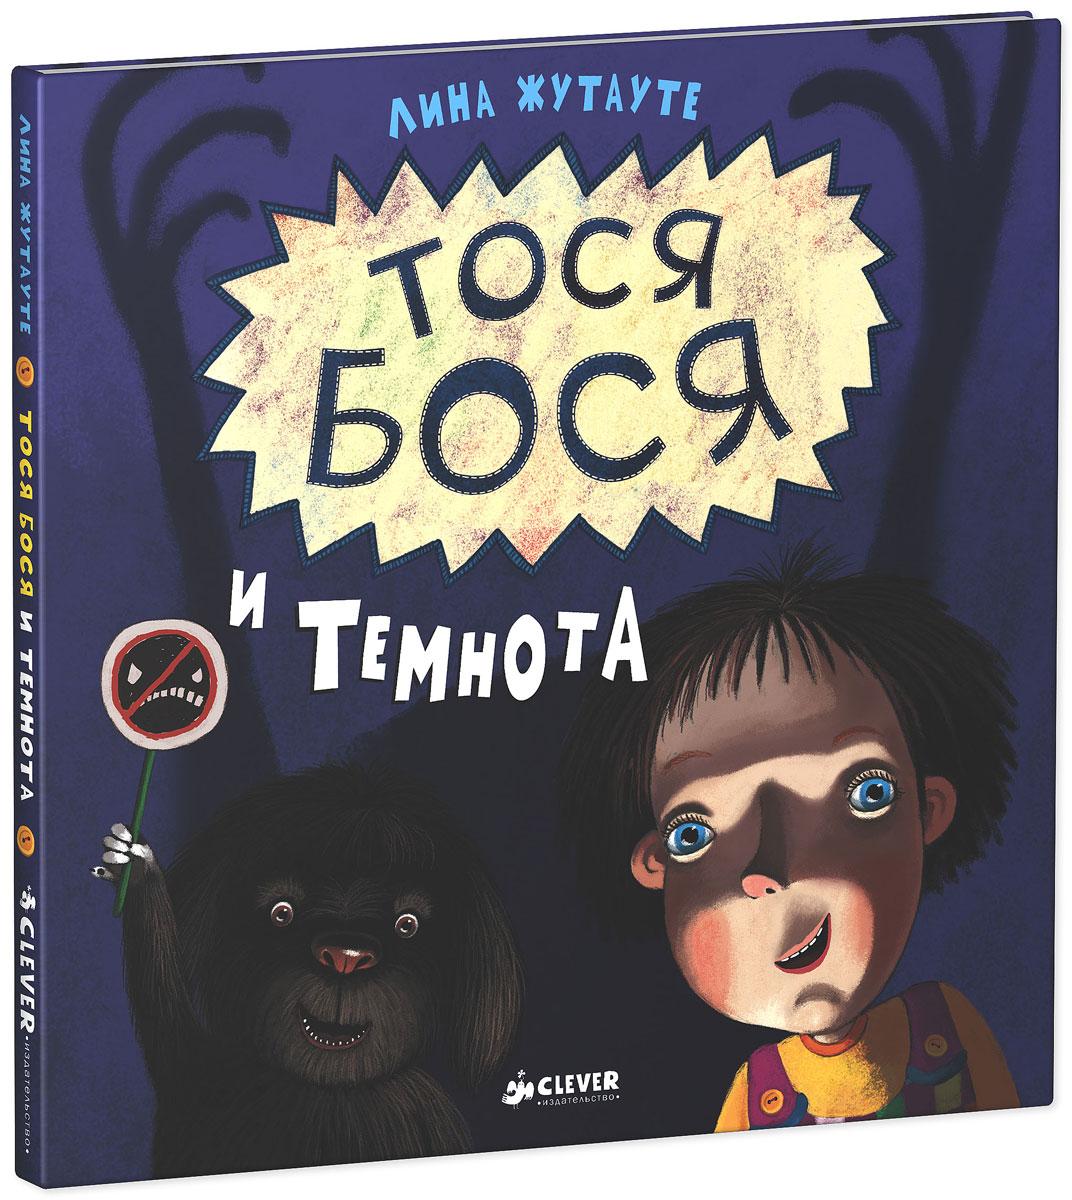 Лина Жутауте Тося-Бося и темнота жутауте л тося бося ищет весну веселые задания для детей рисуй раскрашивай вырезай играй